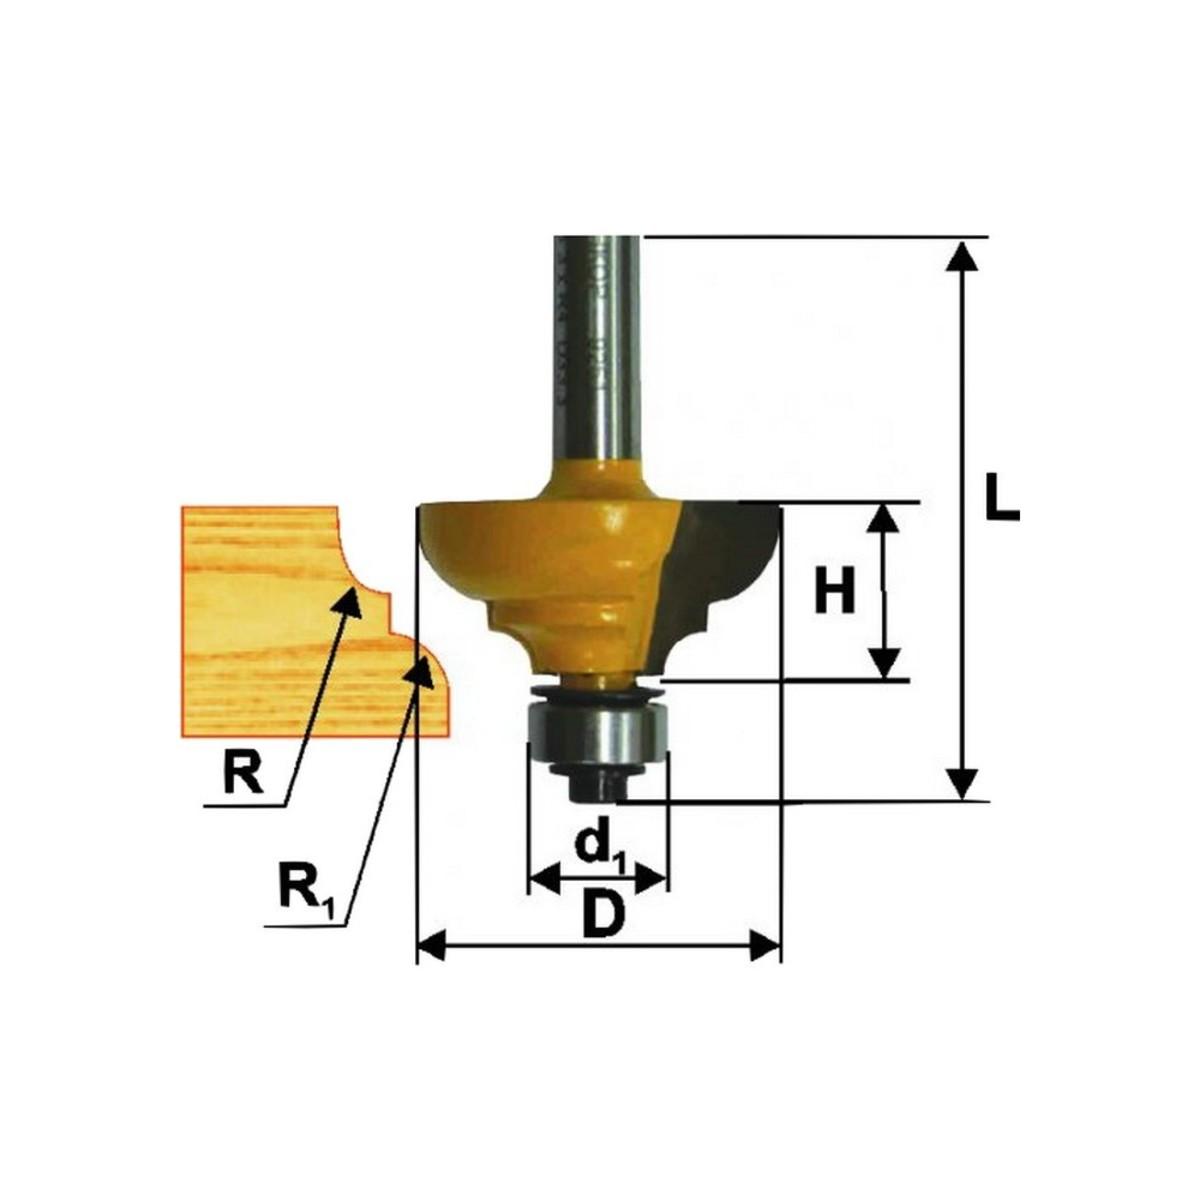 Фреза кромочная калевочная ЭНКОР 46261 ф33.4х15.9 мм R6.4/4 мм 8 мм